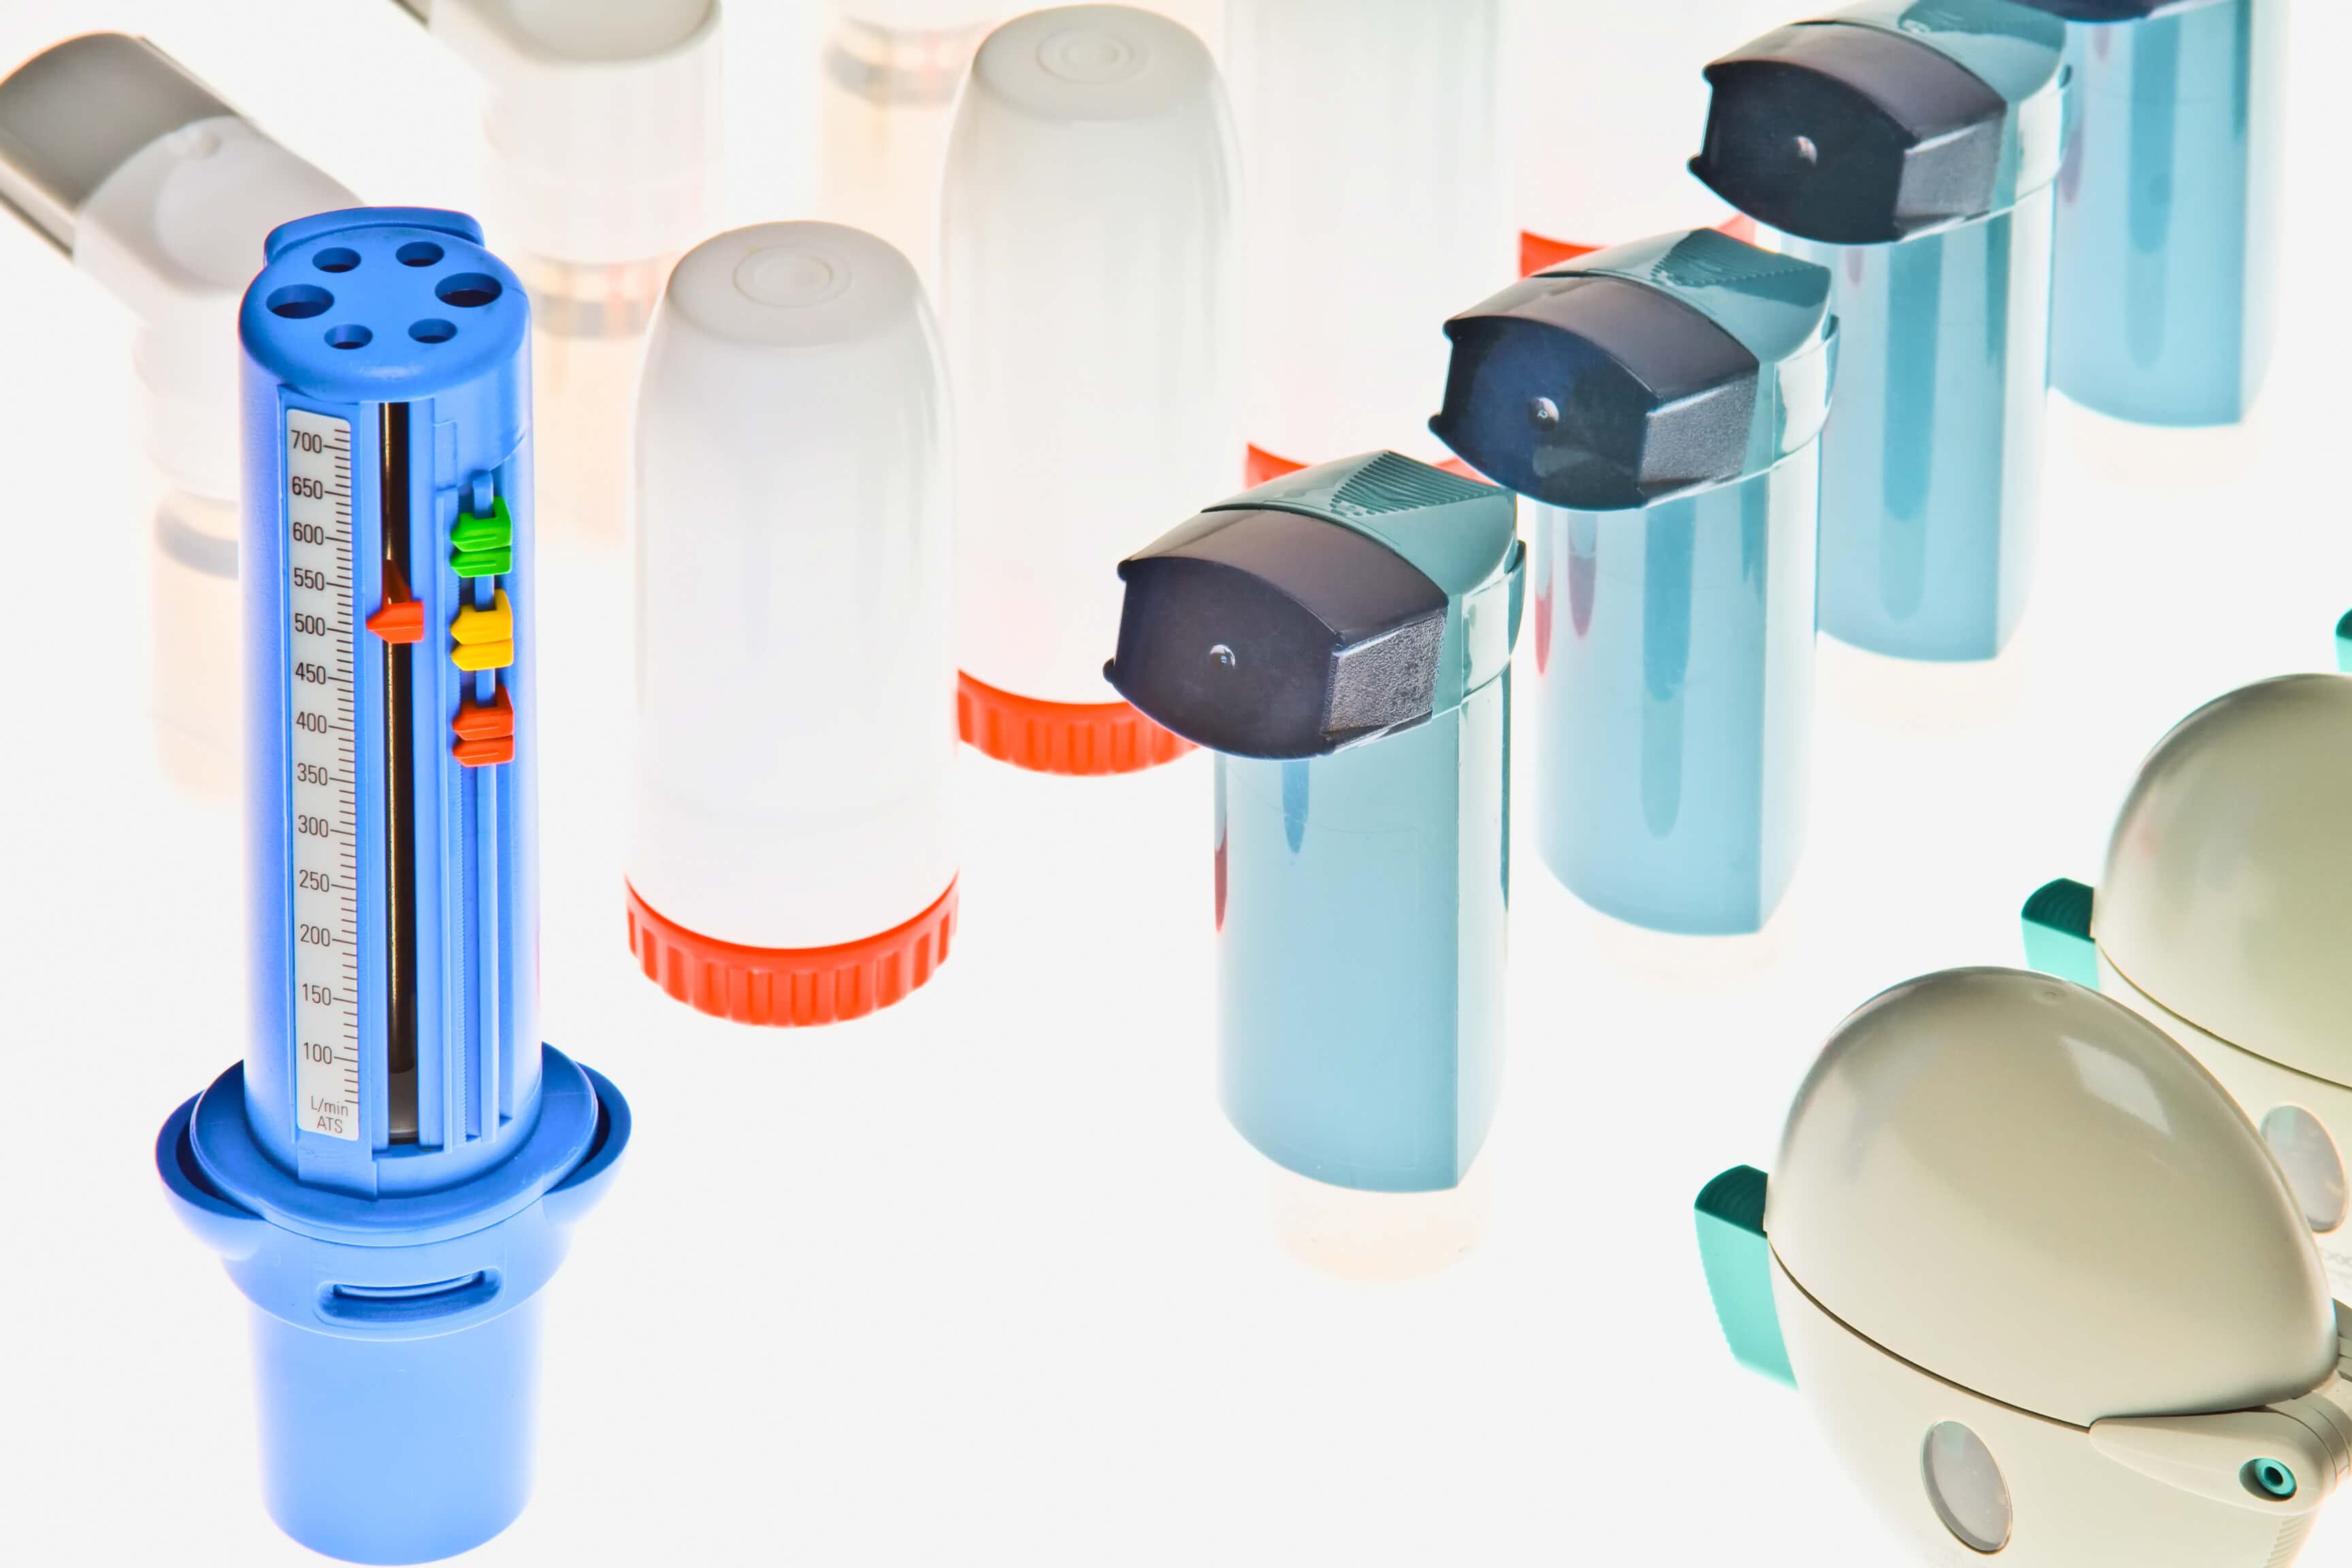 8 Advantages and Disadvantages of Metered Dose Inhaler